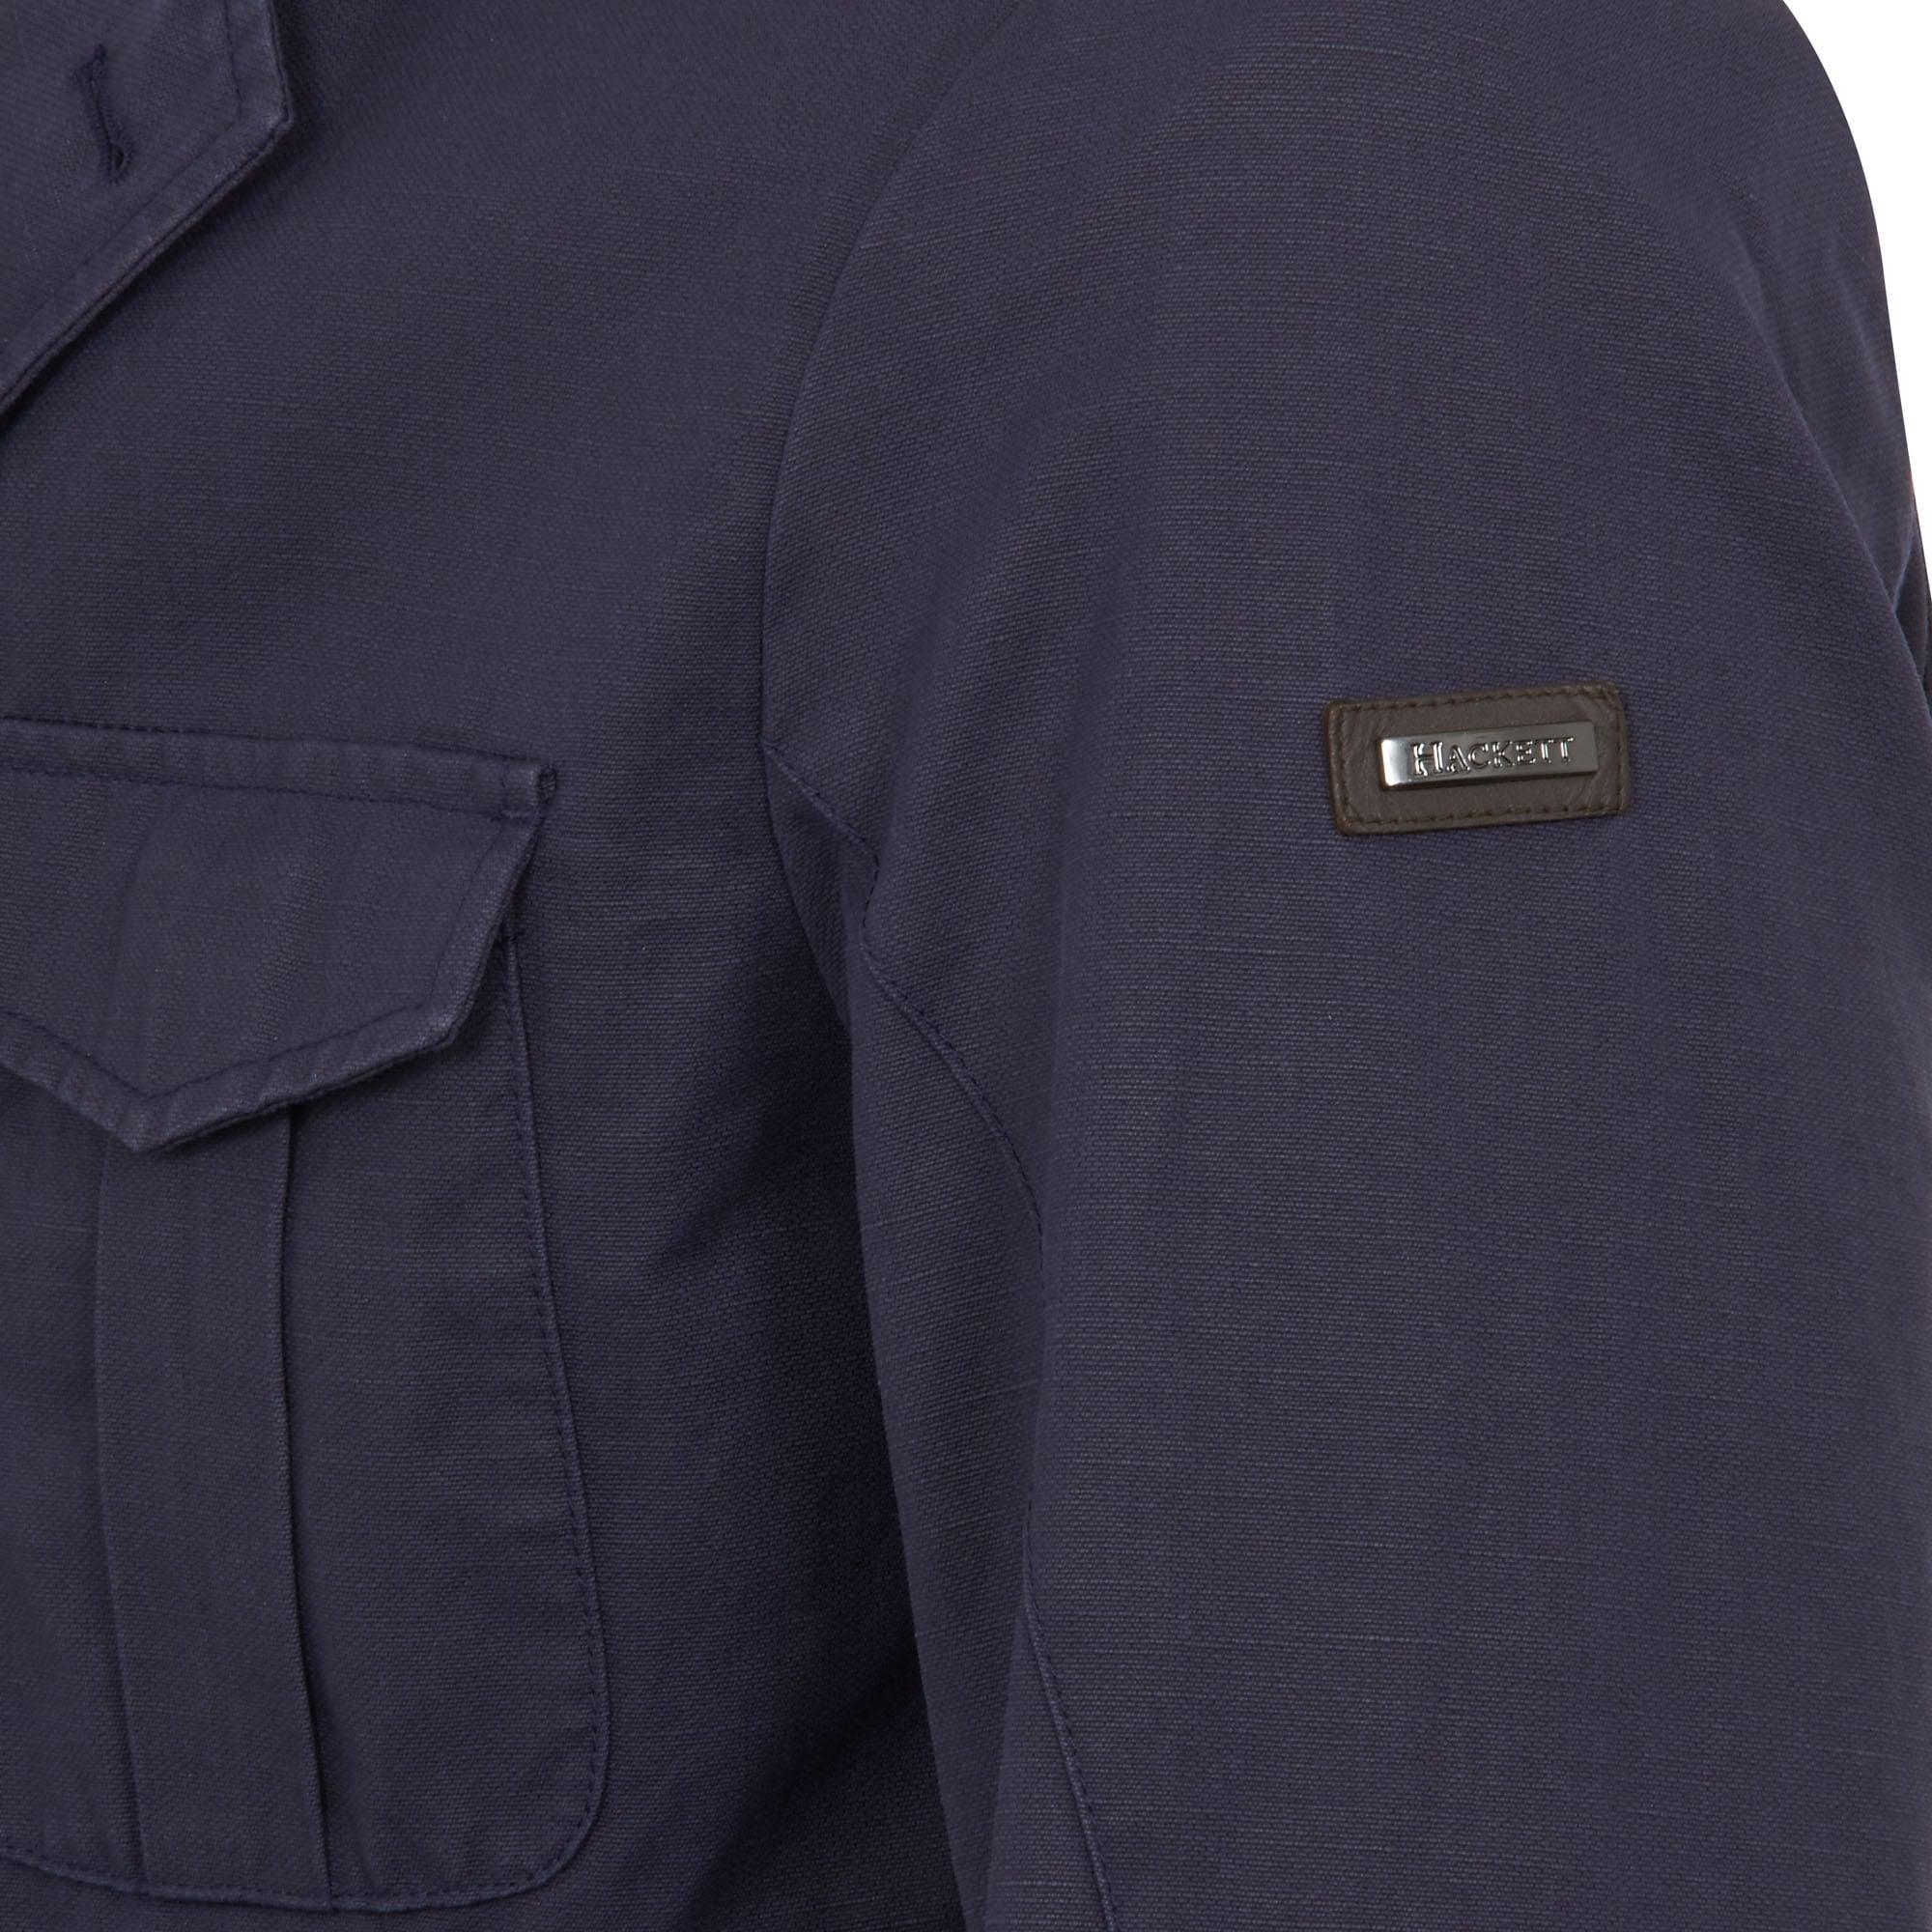 Hackett Cotton Hackett Safari Navy Summer Blazer Jacket in Blue for Men